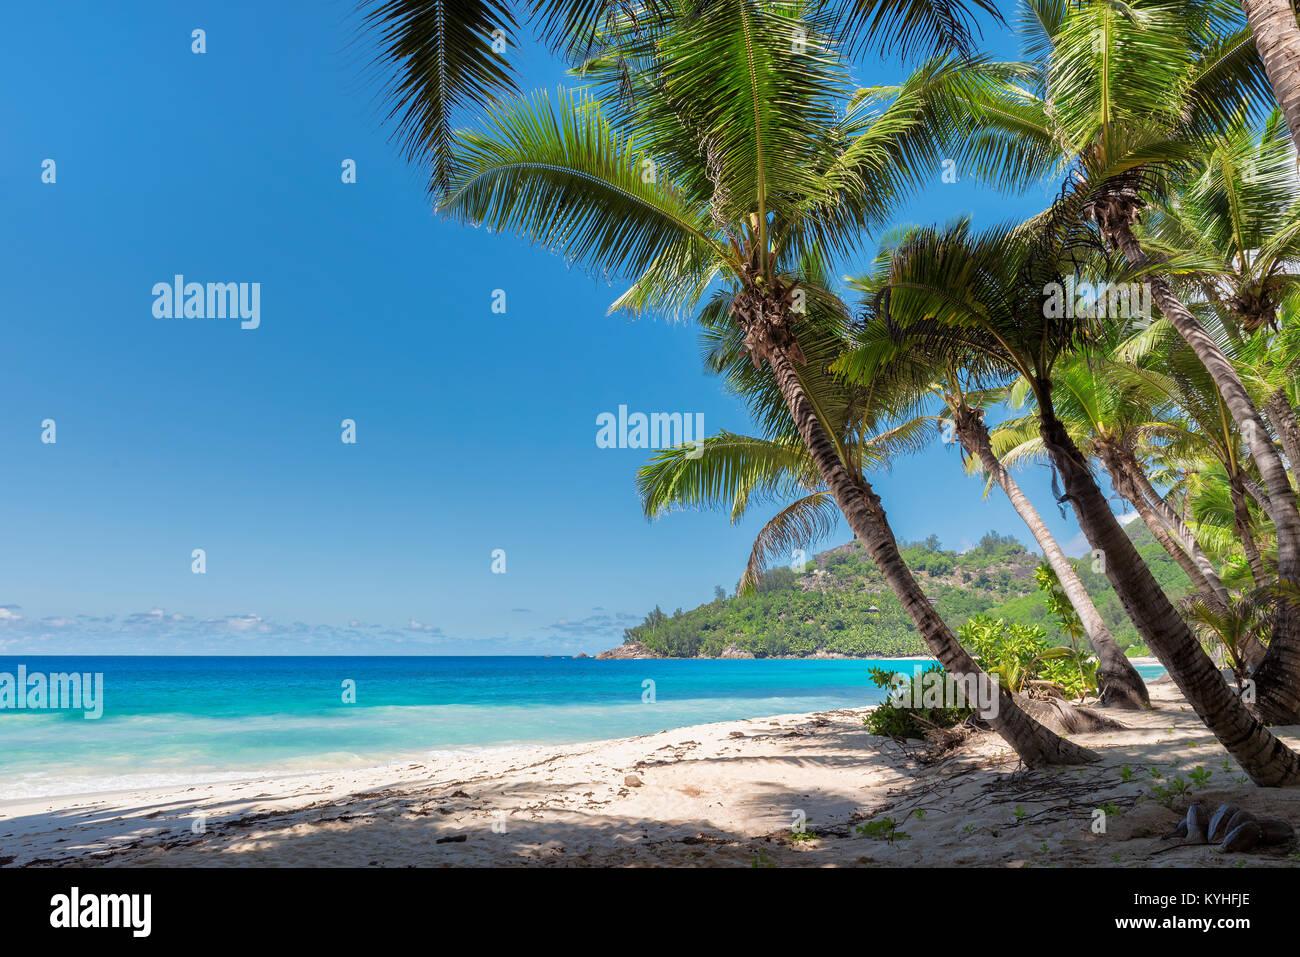 Blick auf Nizza Tropischer Strand mit Palmen rund um. Stockbild